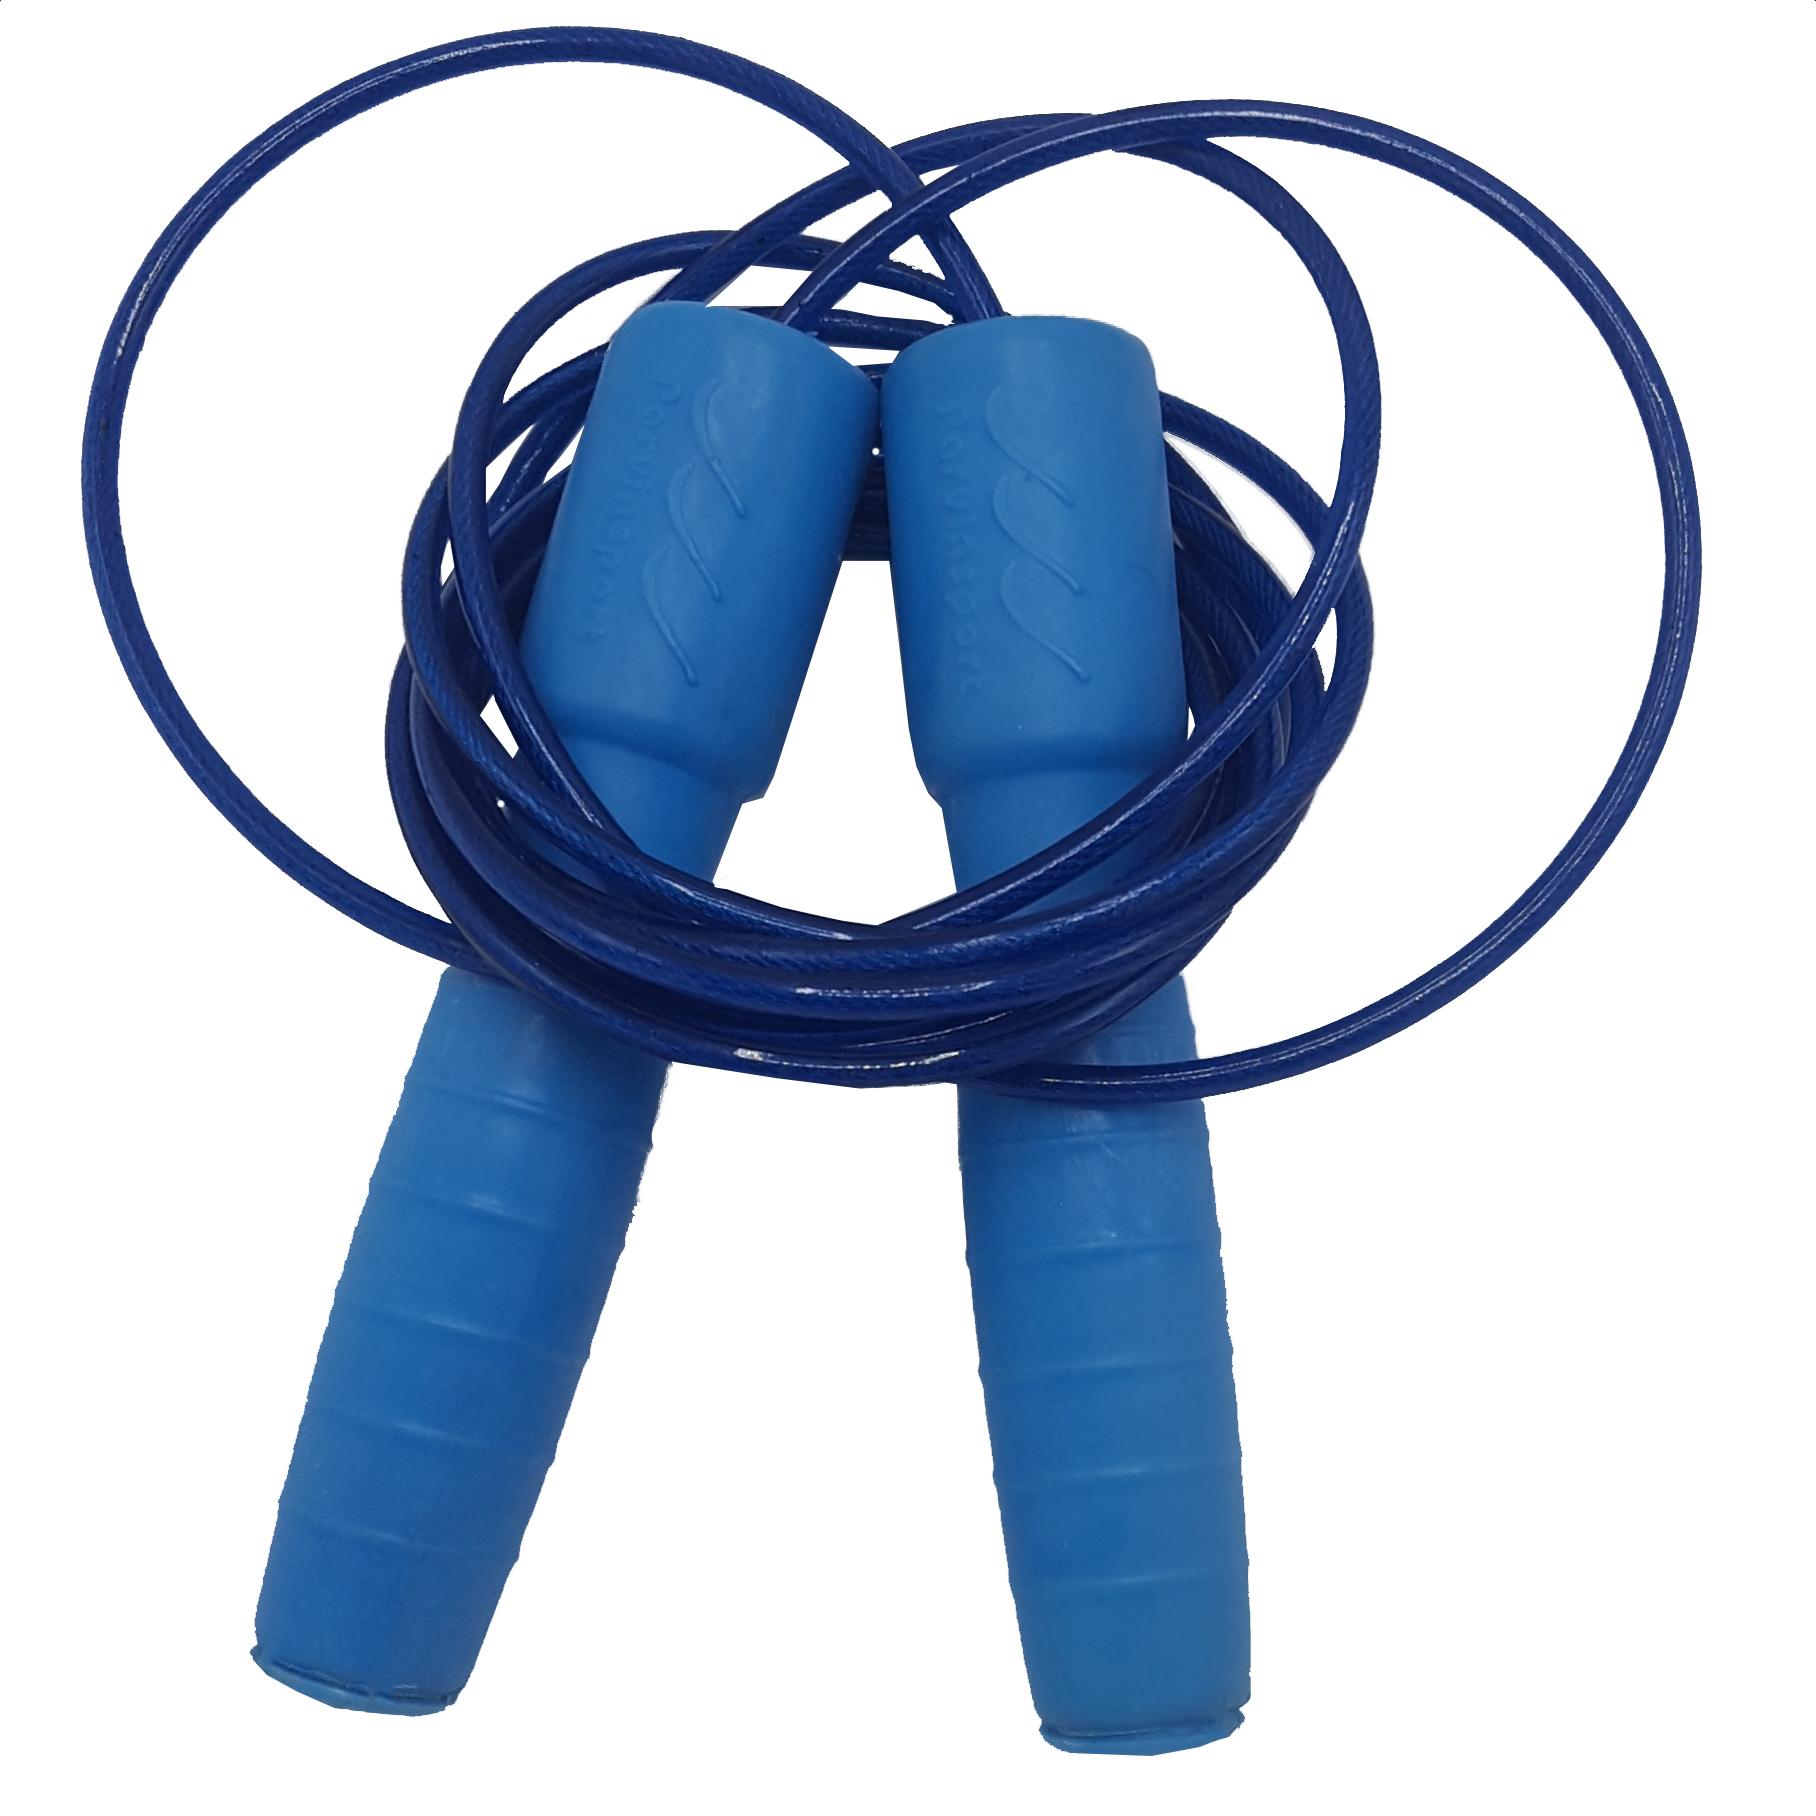 طناب ورزشی کالای ورزشی پروین مدل B9